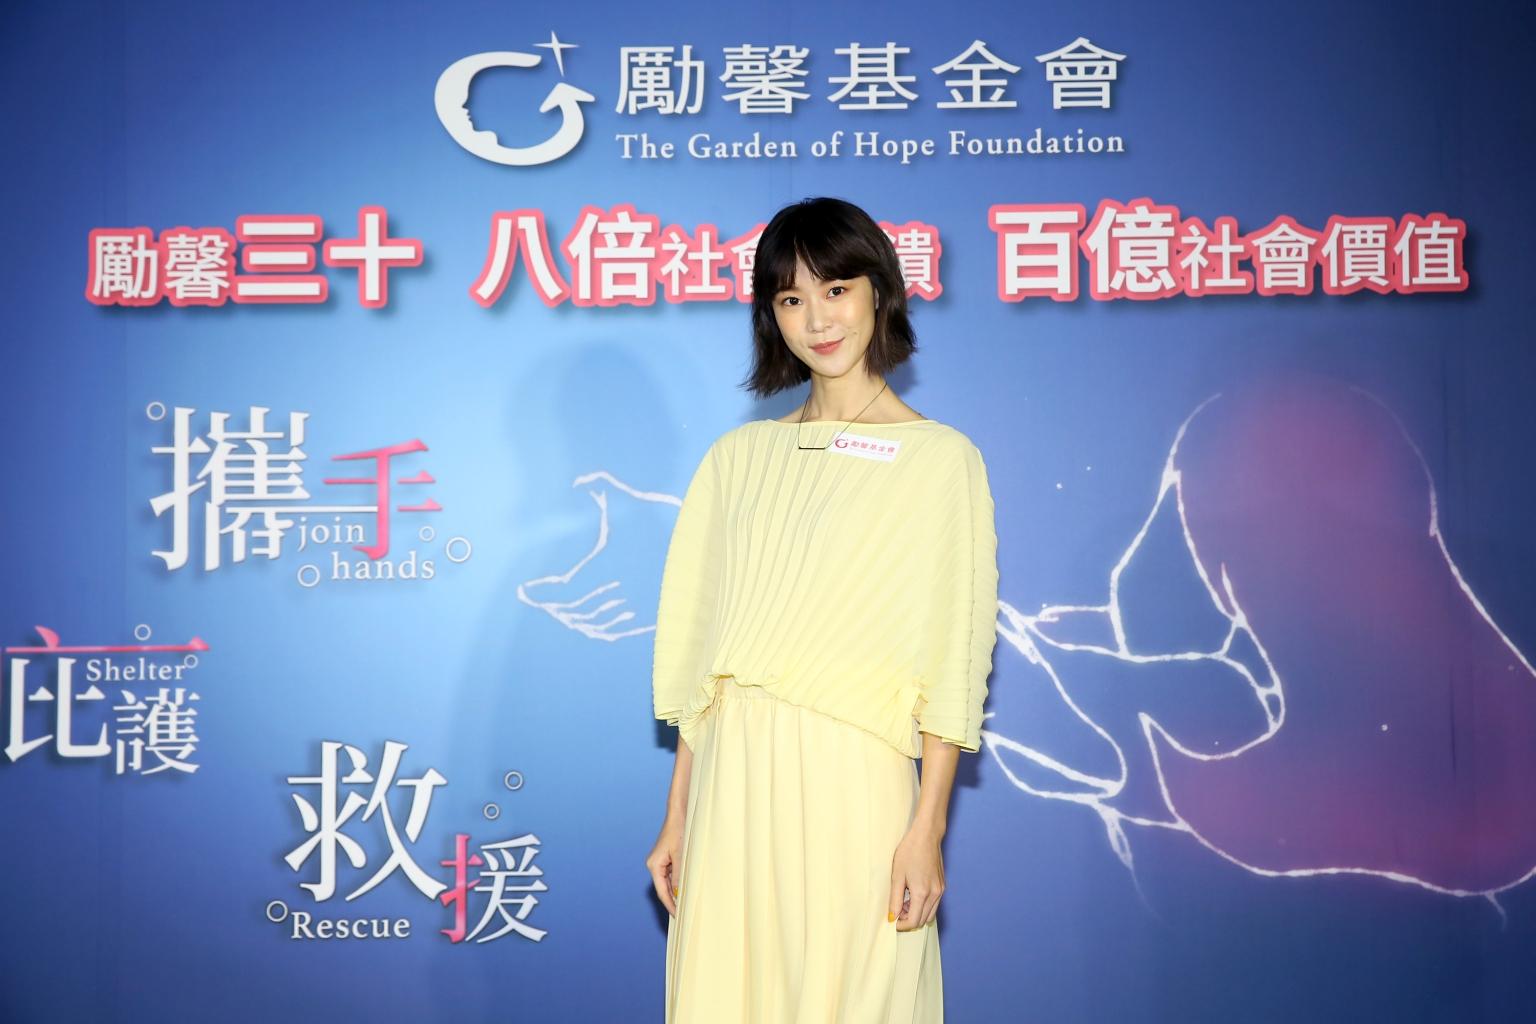 鍾瑶呼籲大眾終止性別與性暴力